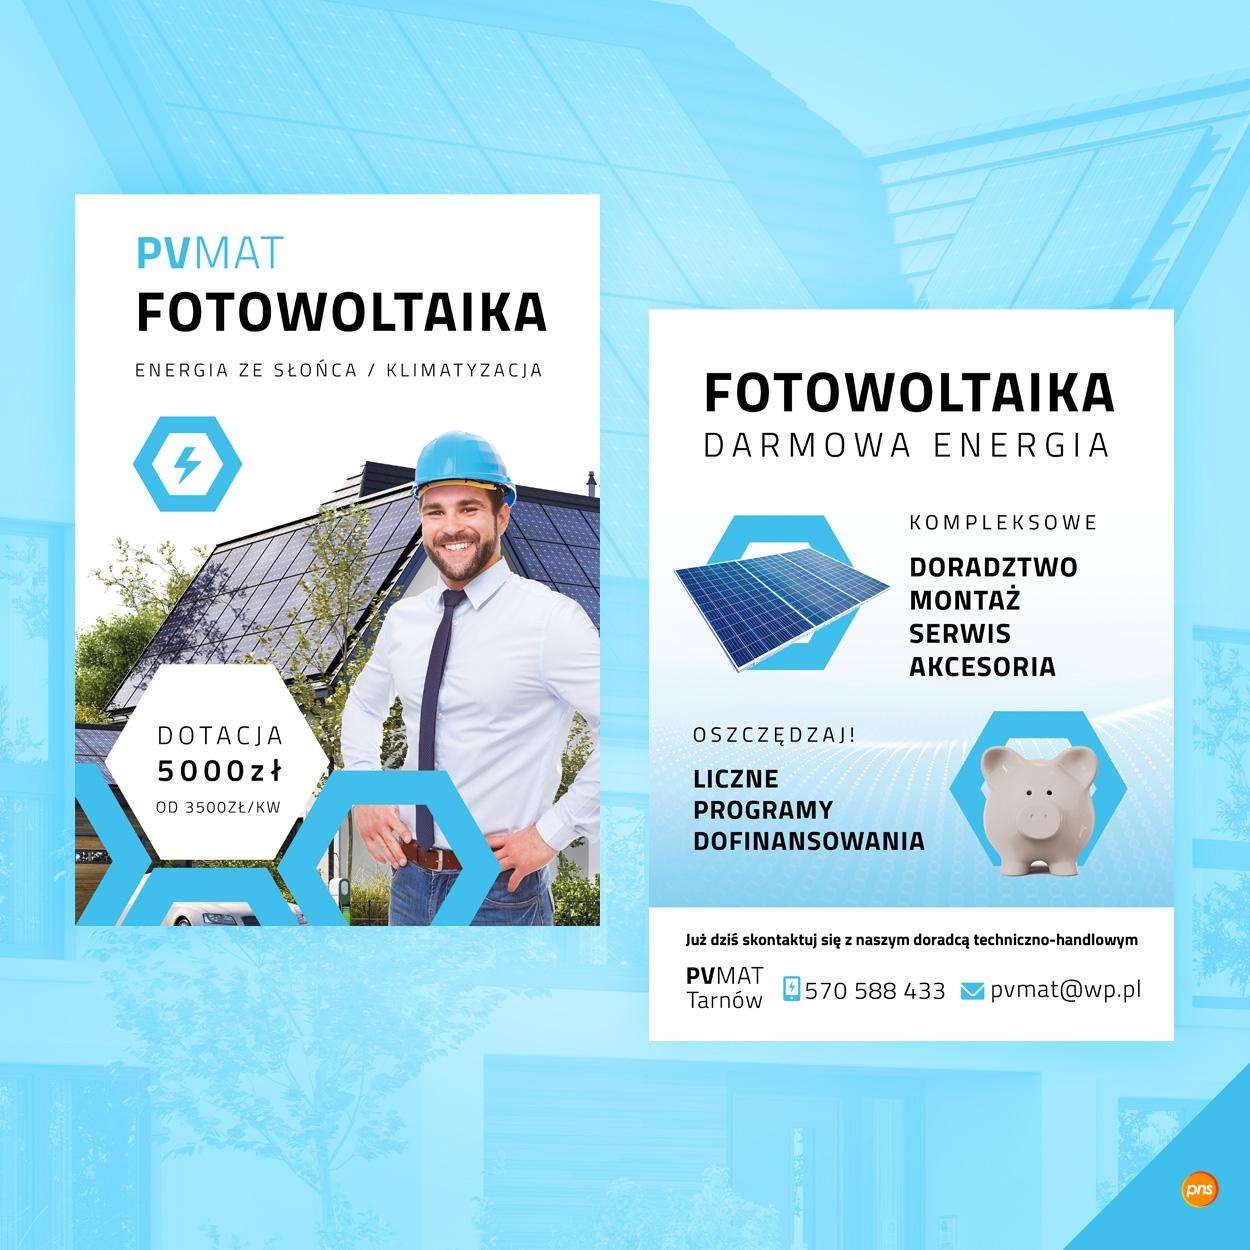 projekt ulotki fotowoltaika pv mat 2 - Projekt ulotki fotowoltaika - realizacja dla PV Mat